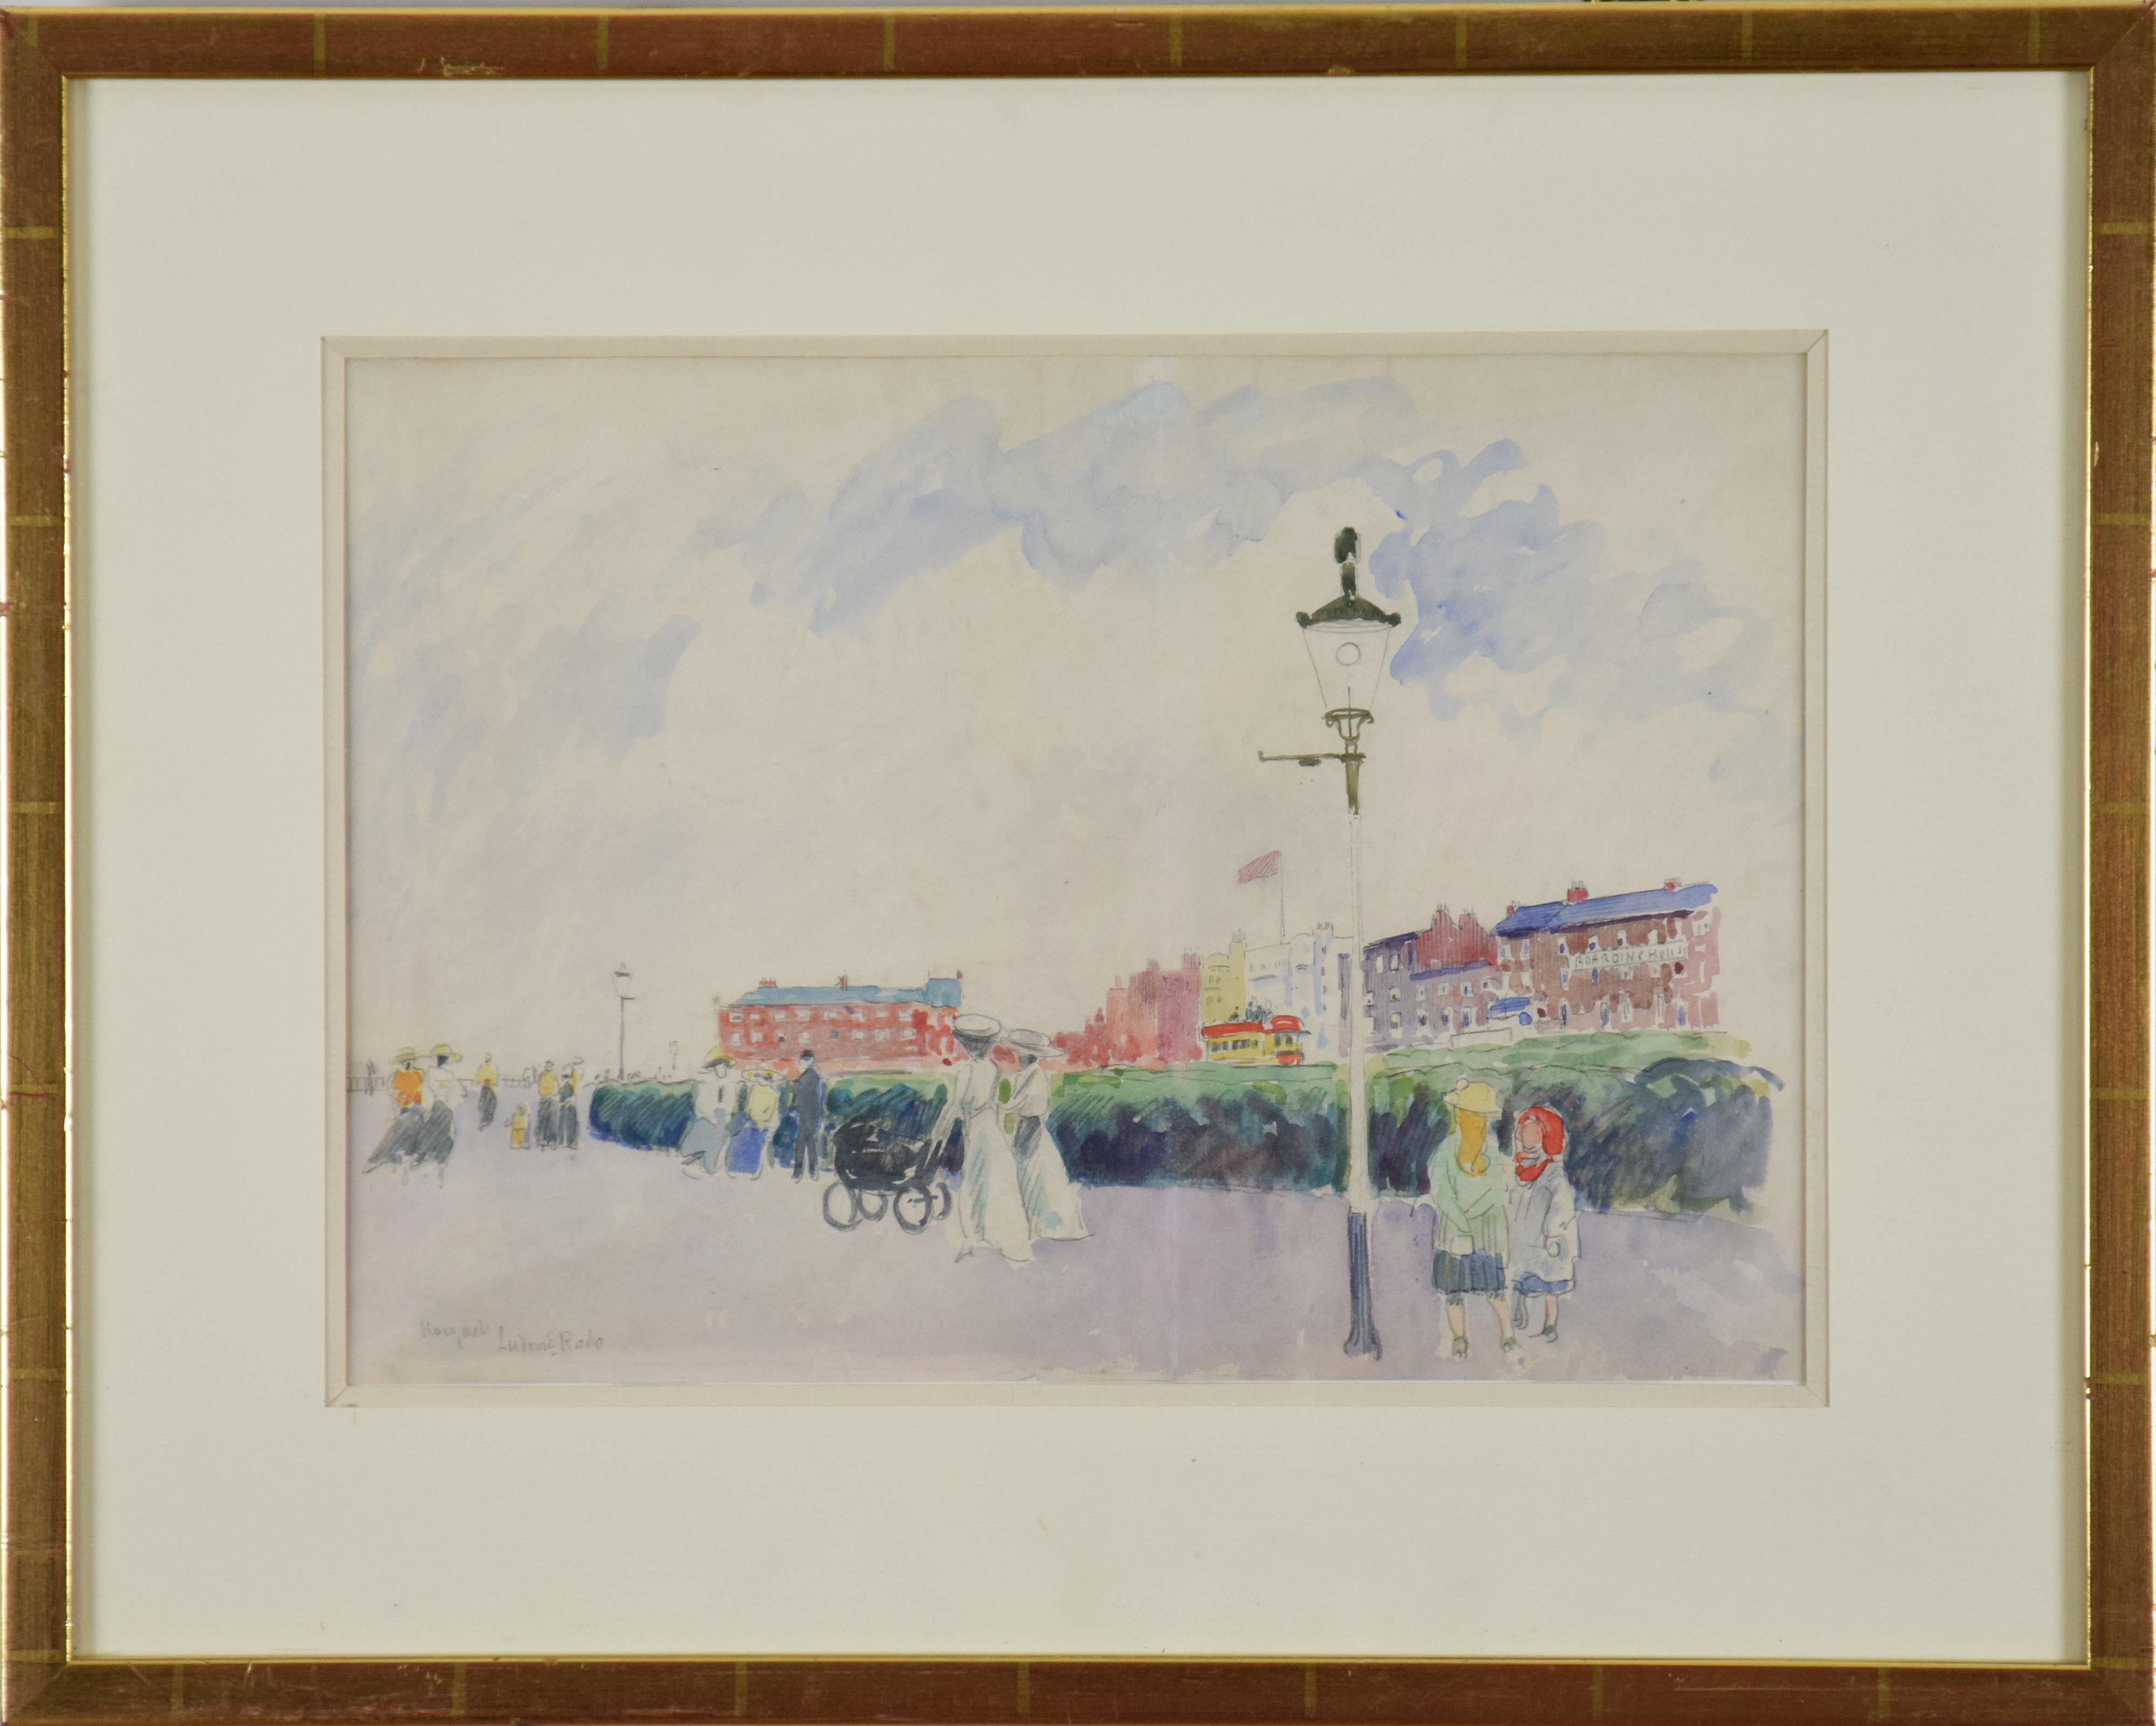 The Promenade, Margate by LUDOVIC-RODO PISSARRO - post-impressionist watercolour